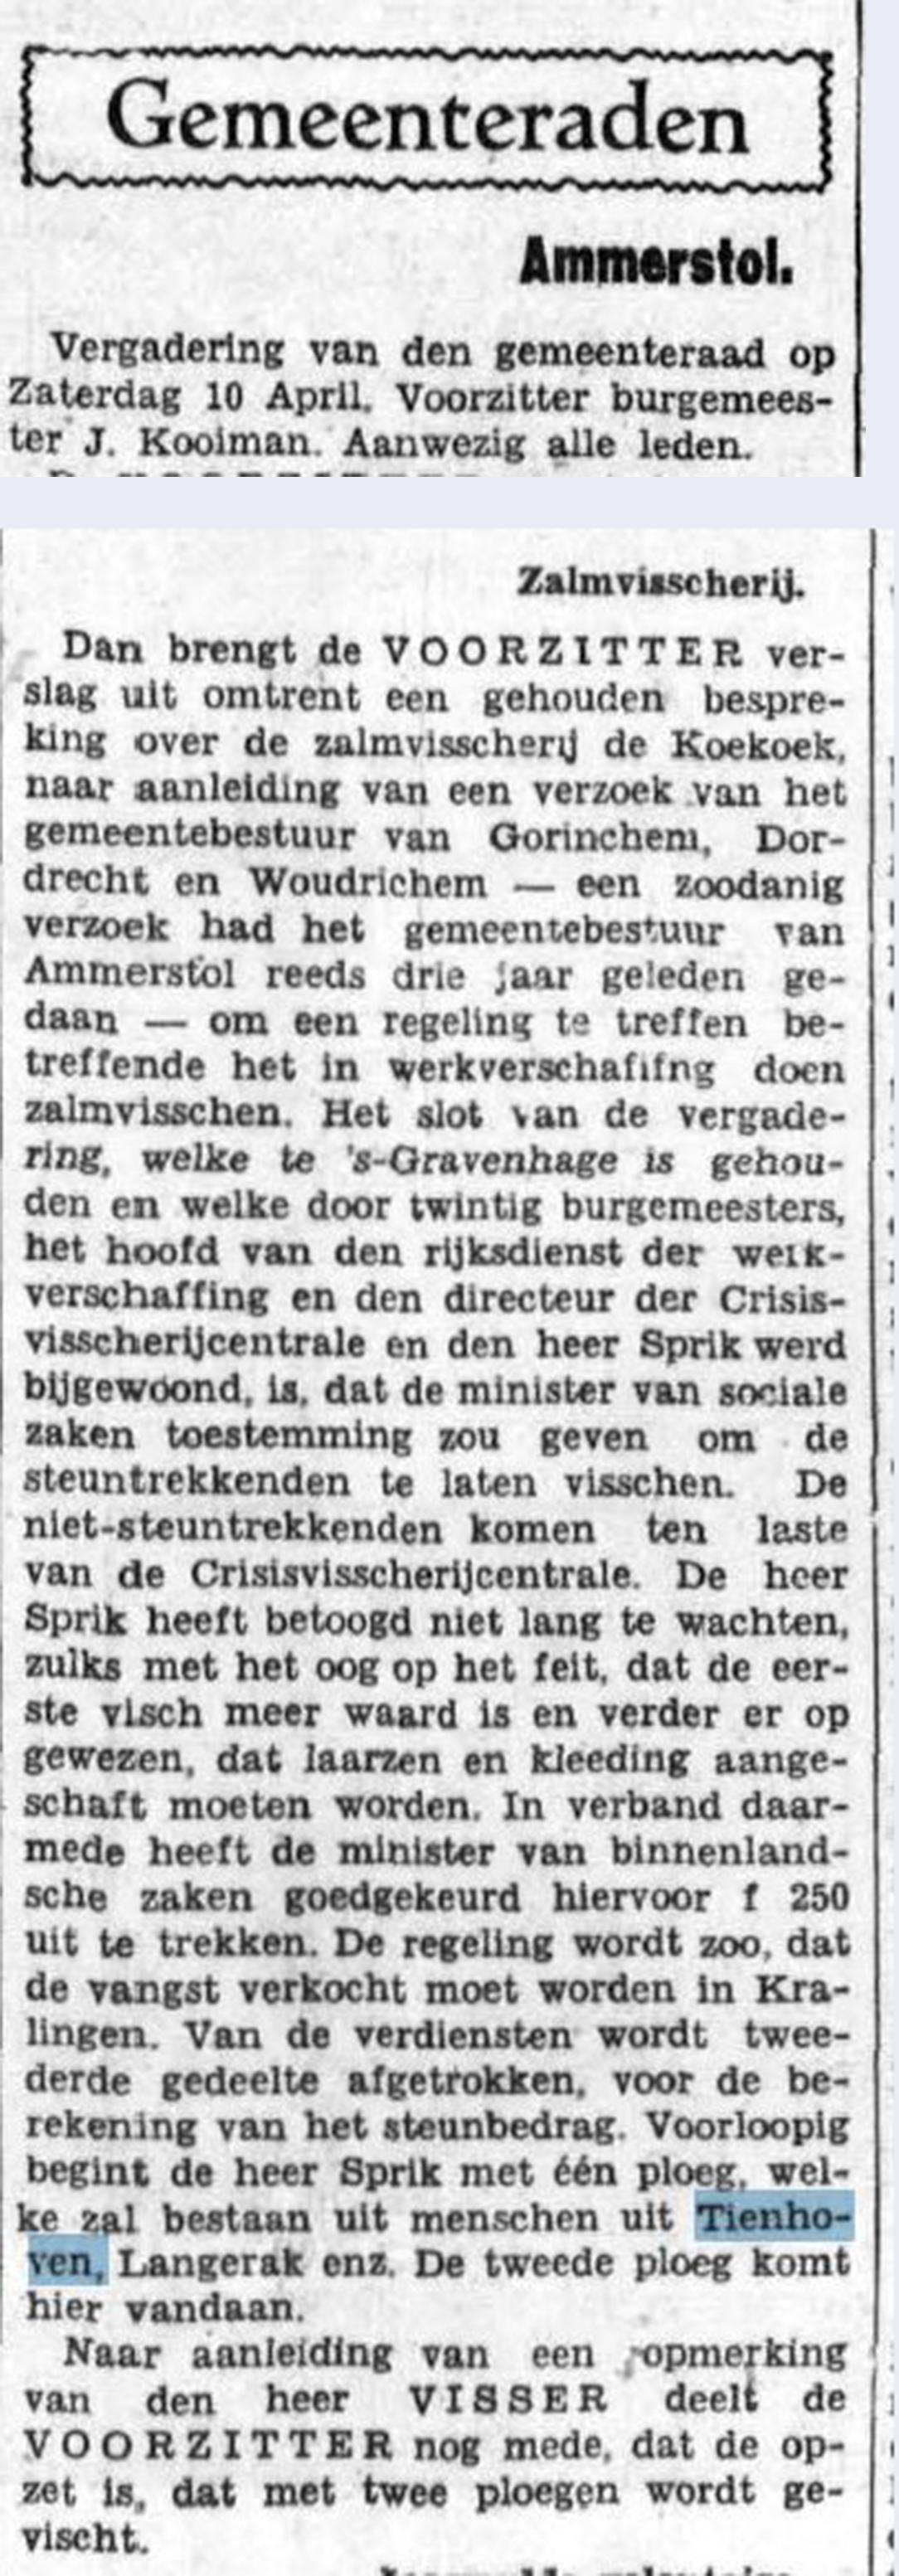 Schoonhovensche Courant 06797 1937-04-16 artikel 04